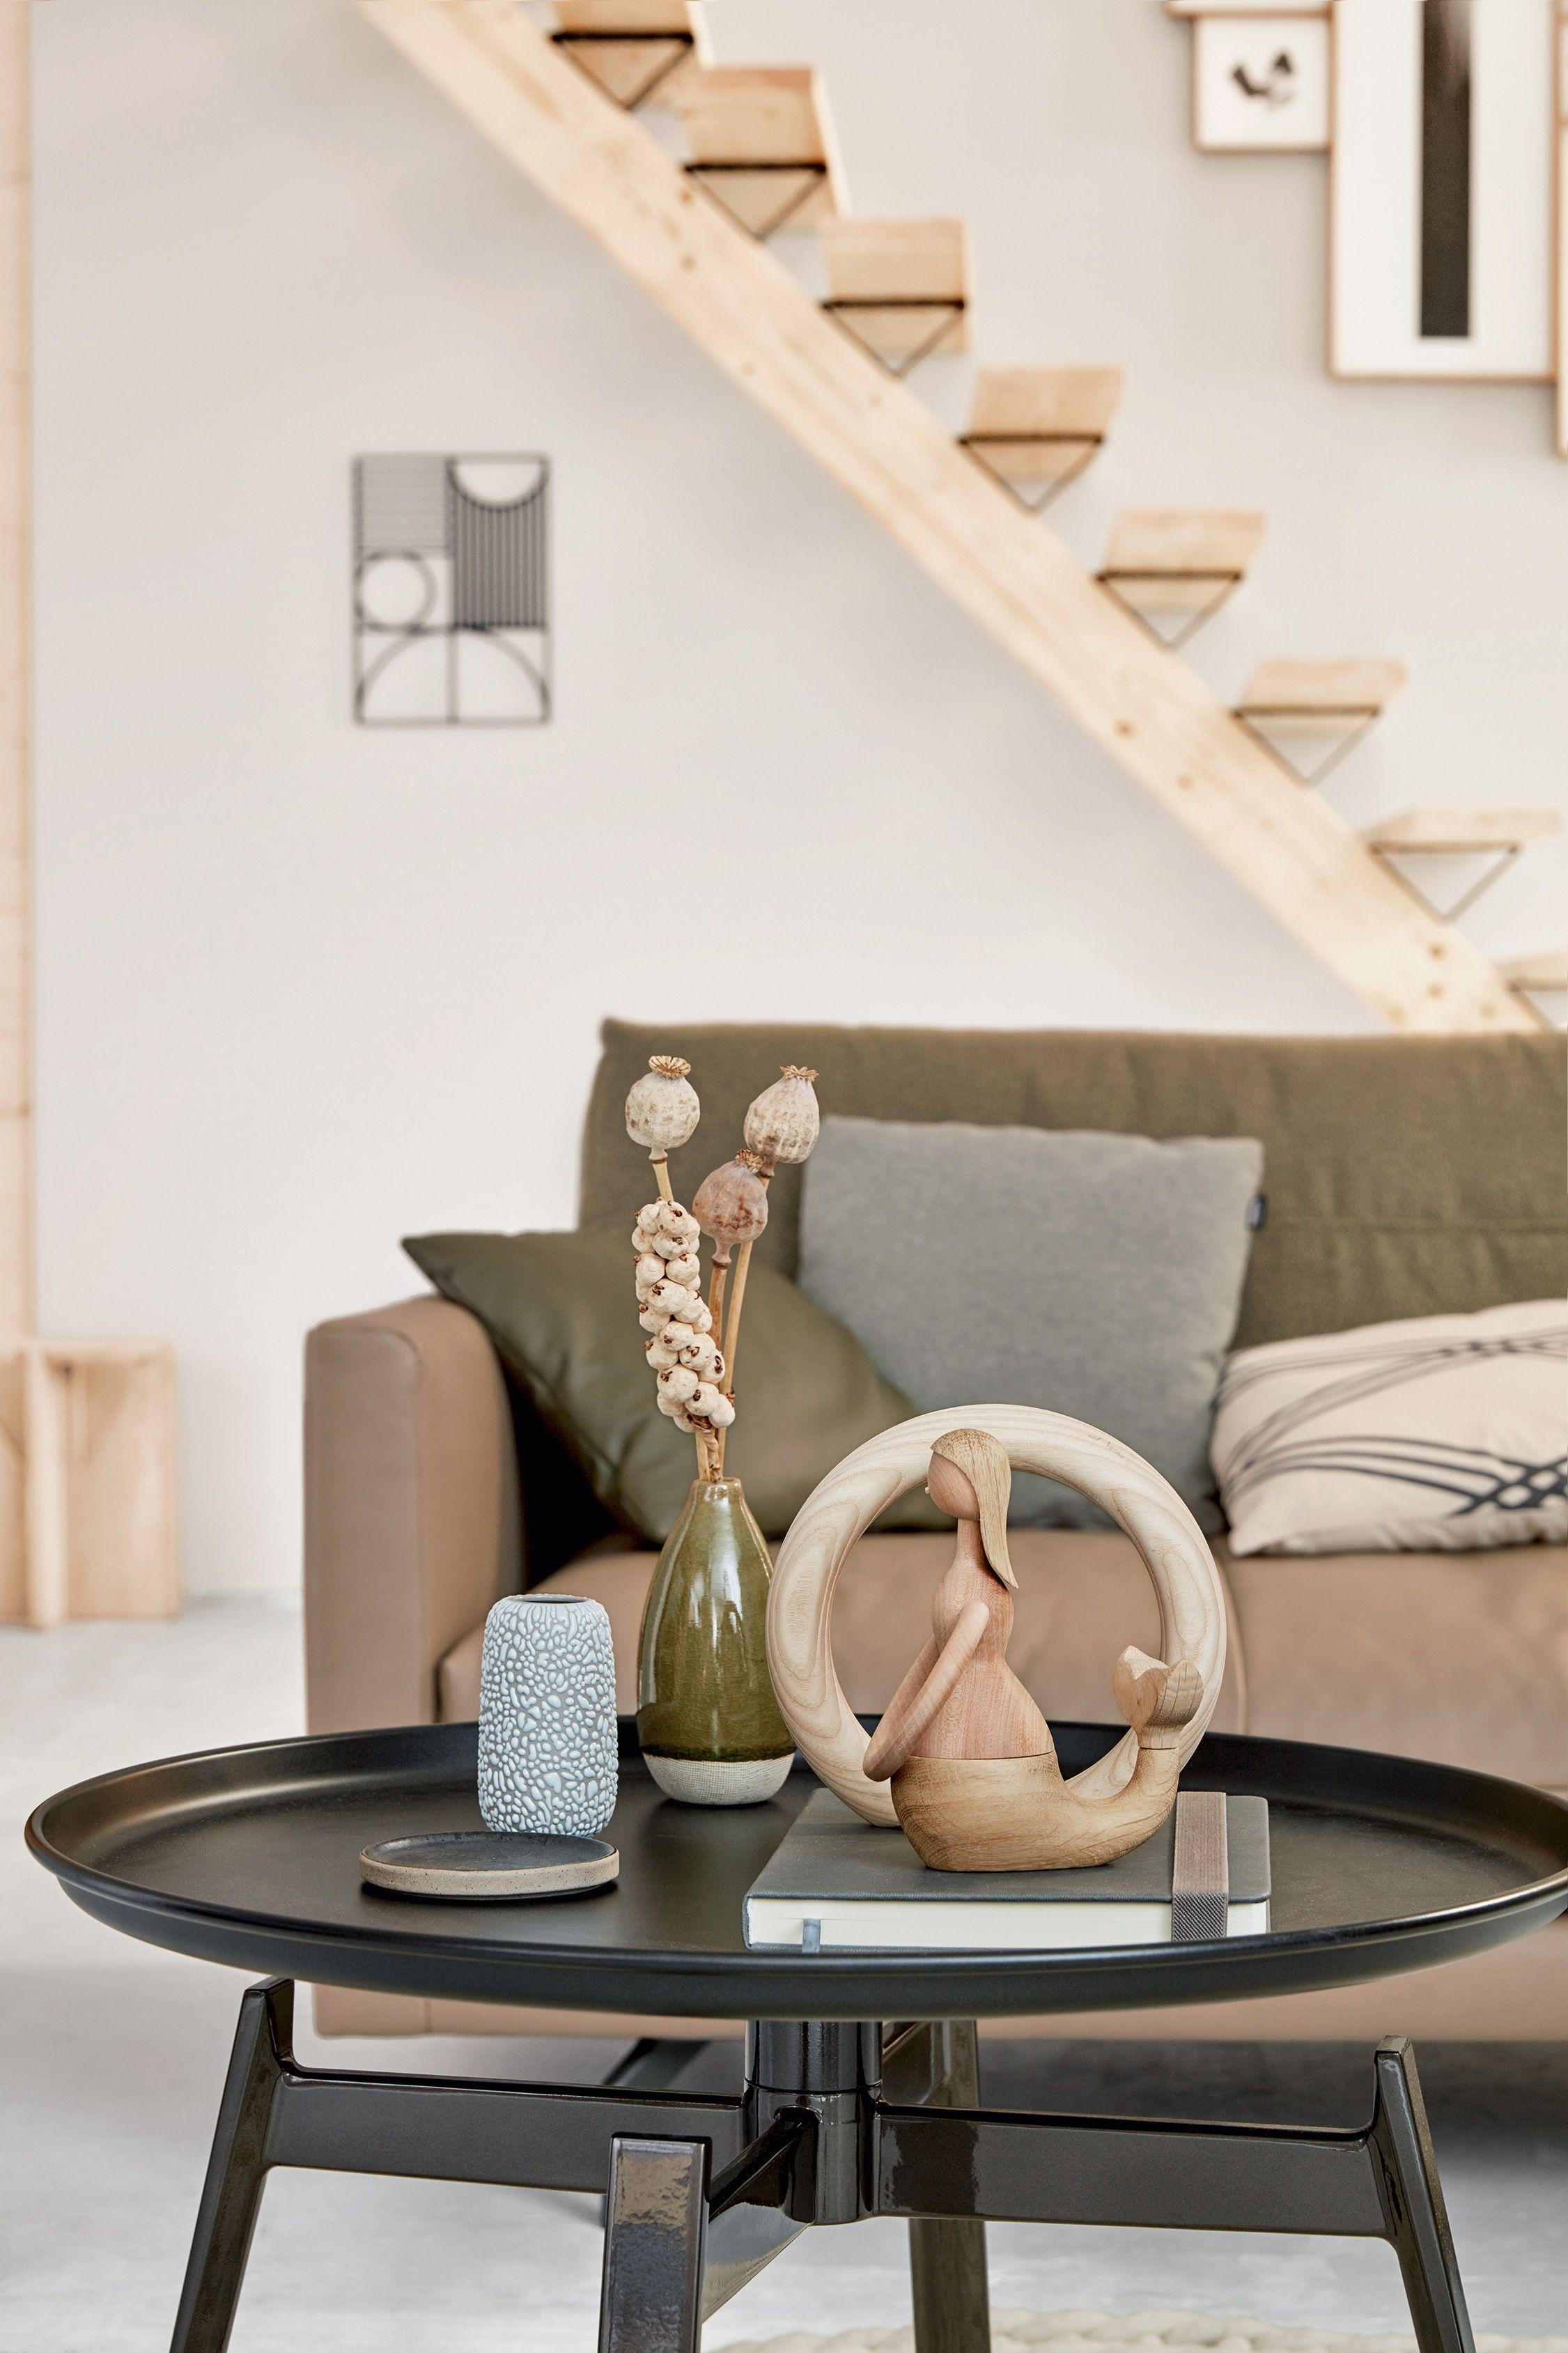 Hülsta Sofa Hs414 Sofa über Tief Loungesofa Weicher Superior